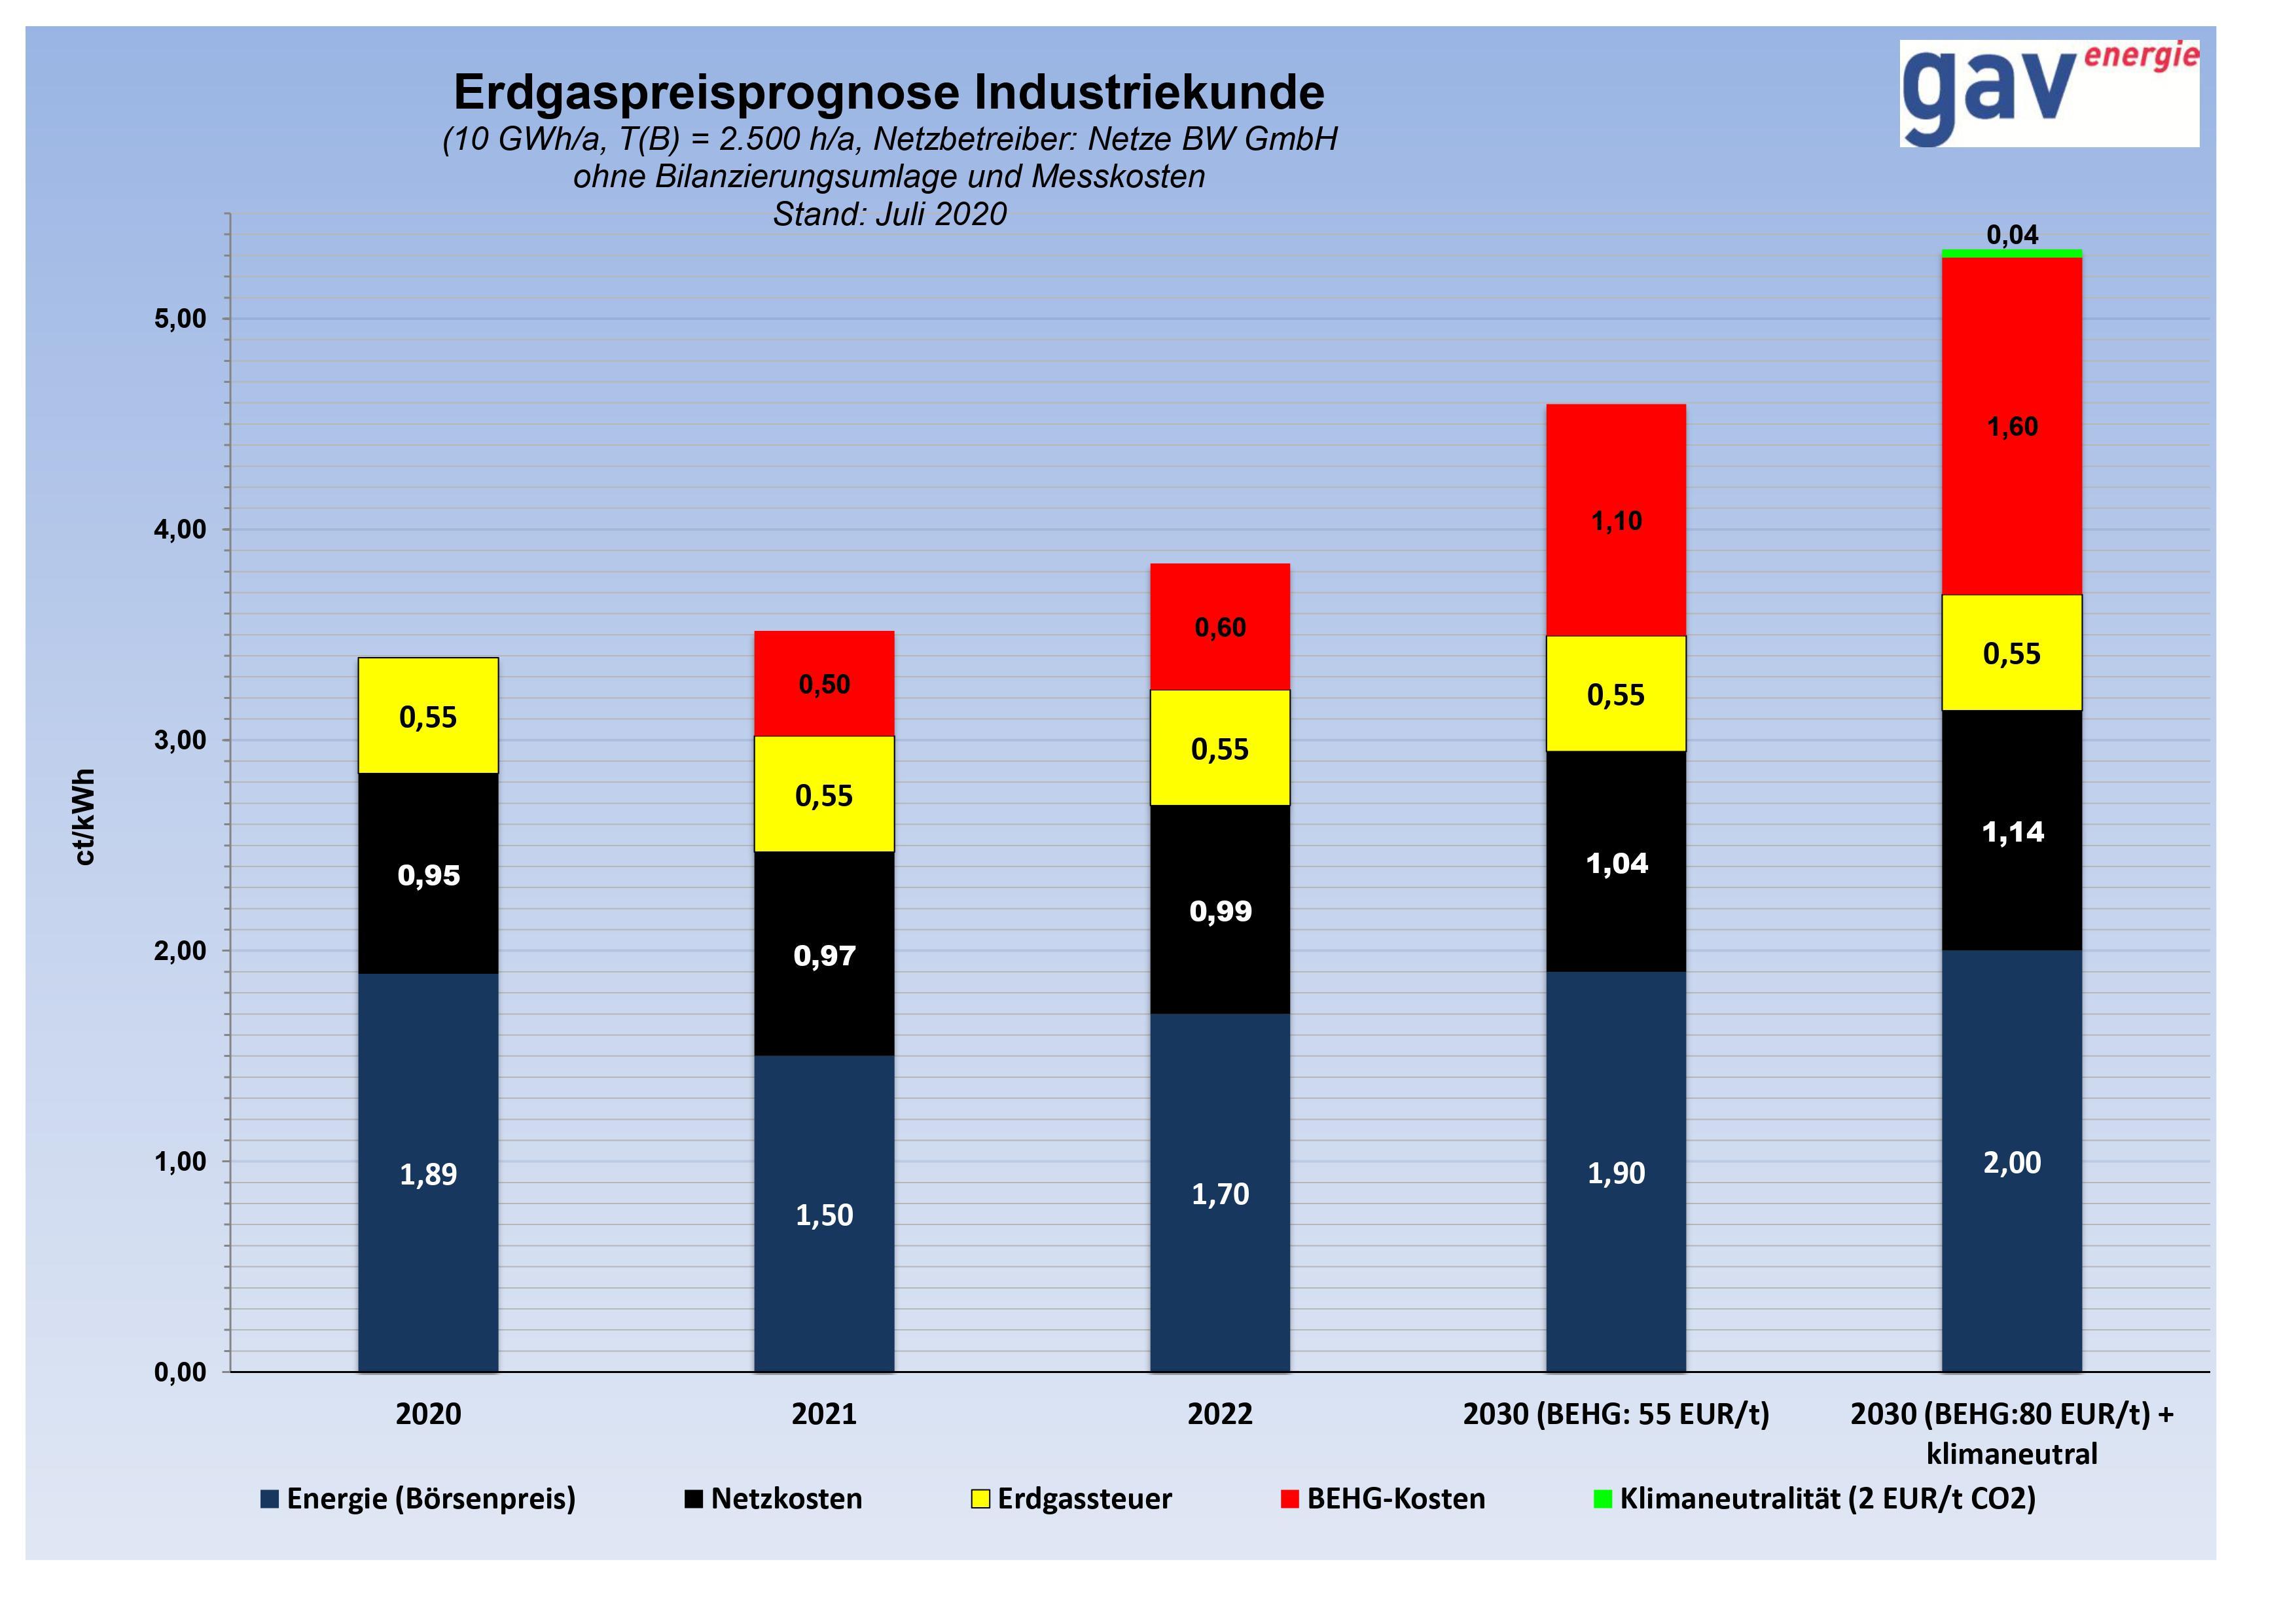 Erdgaspreisentwicklung 2021